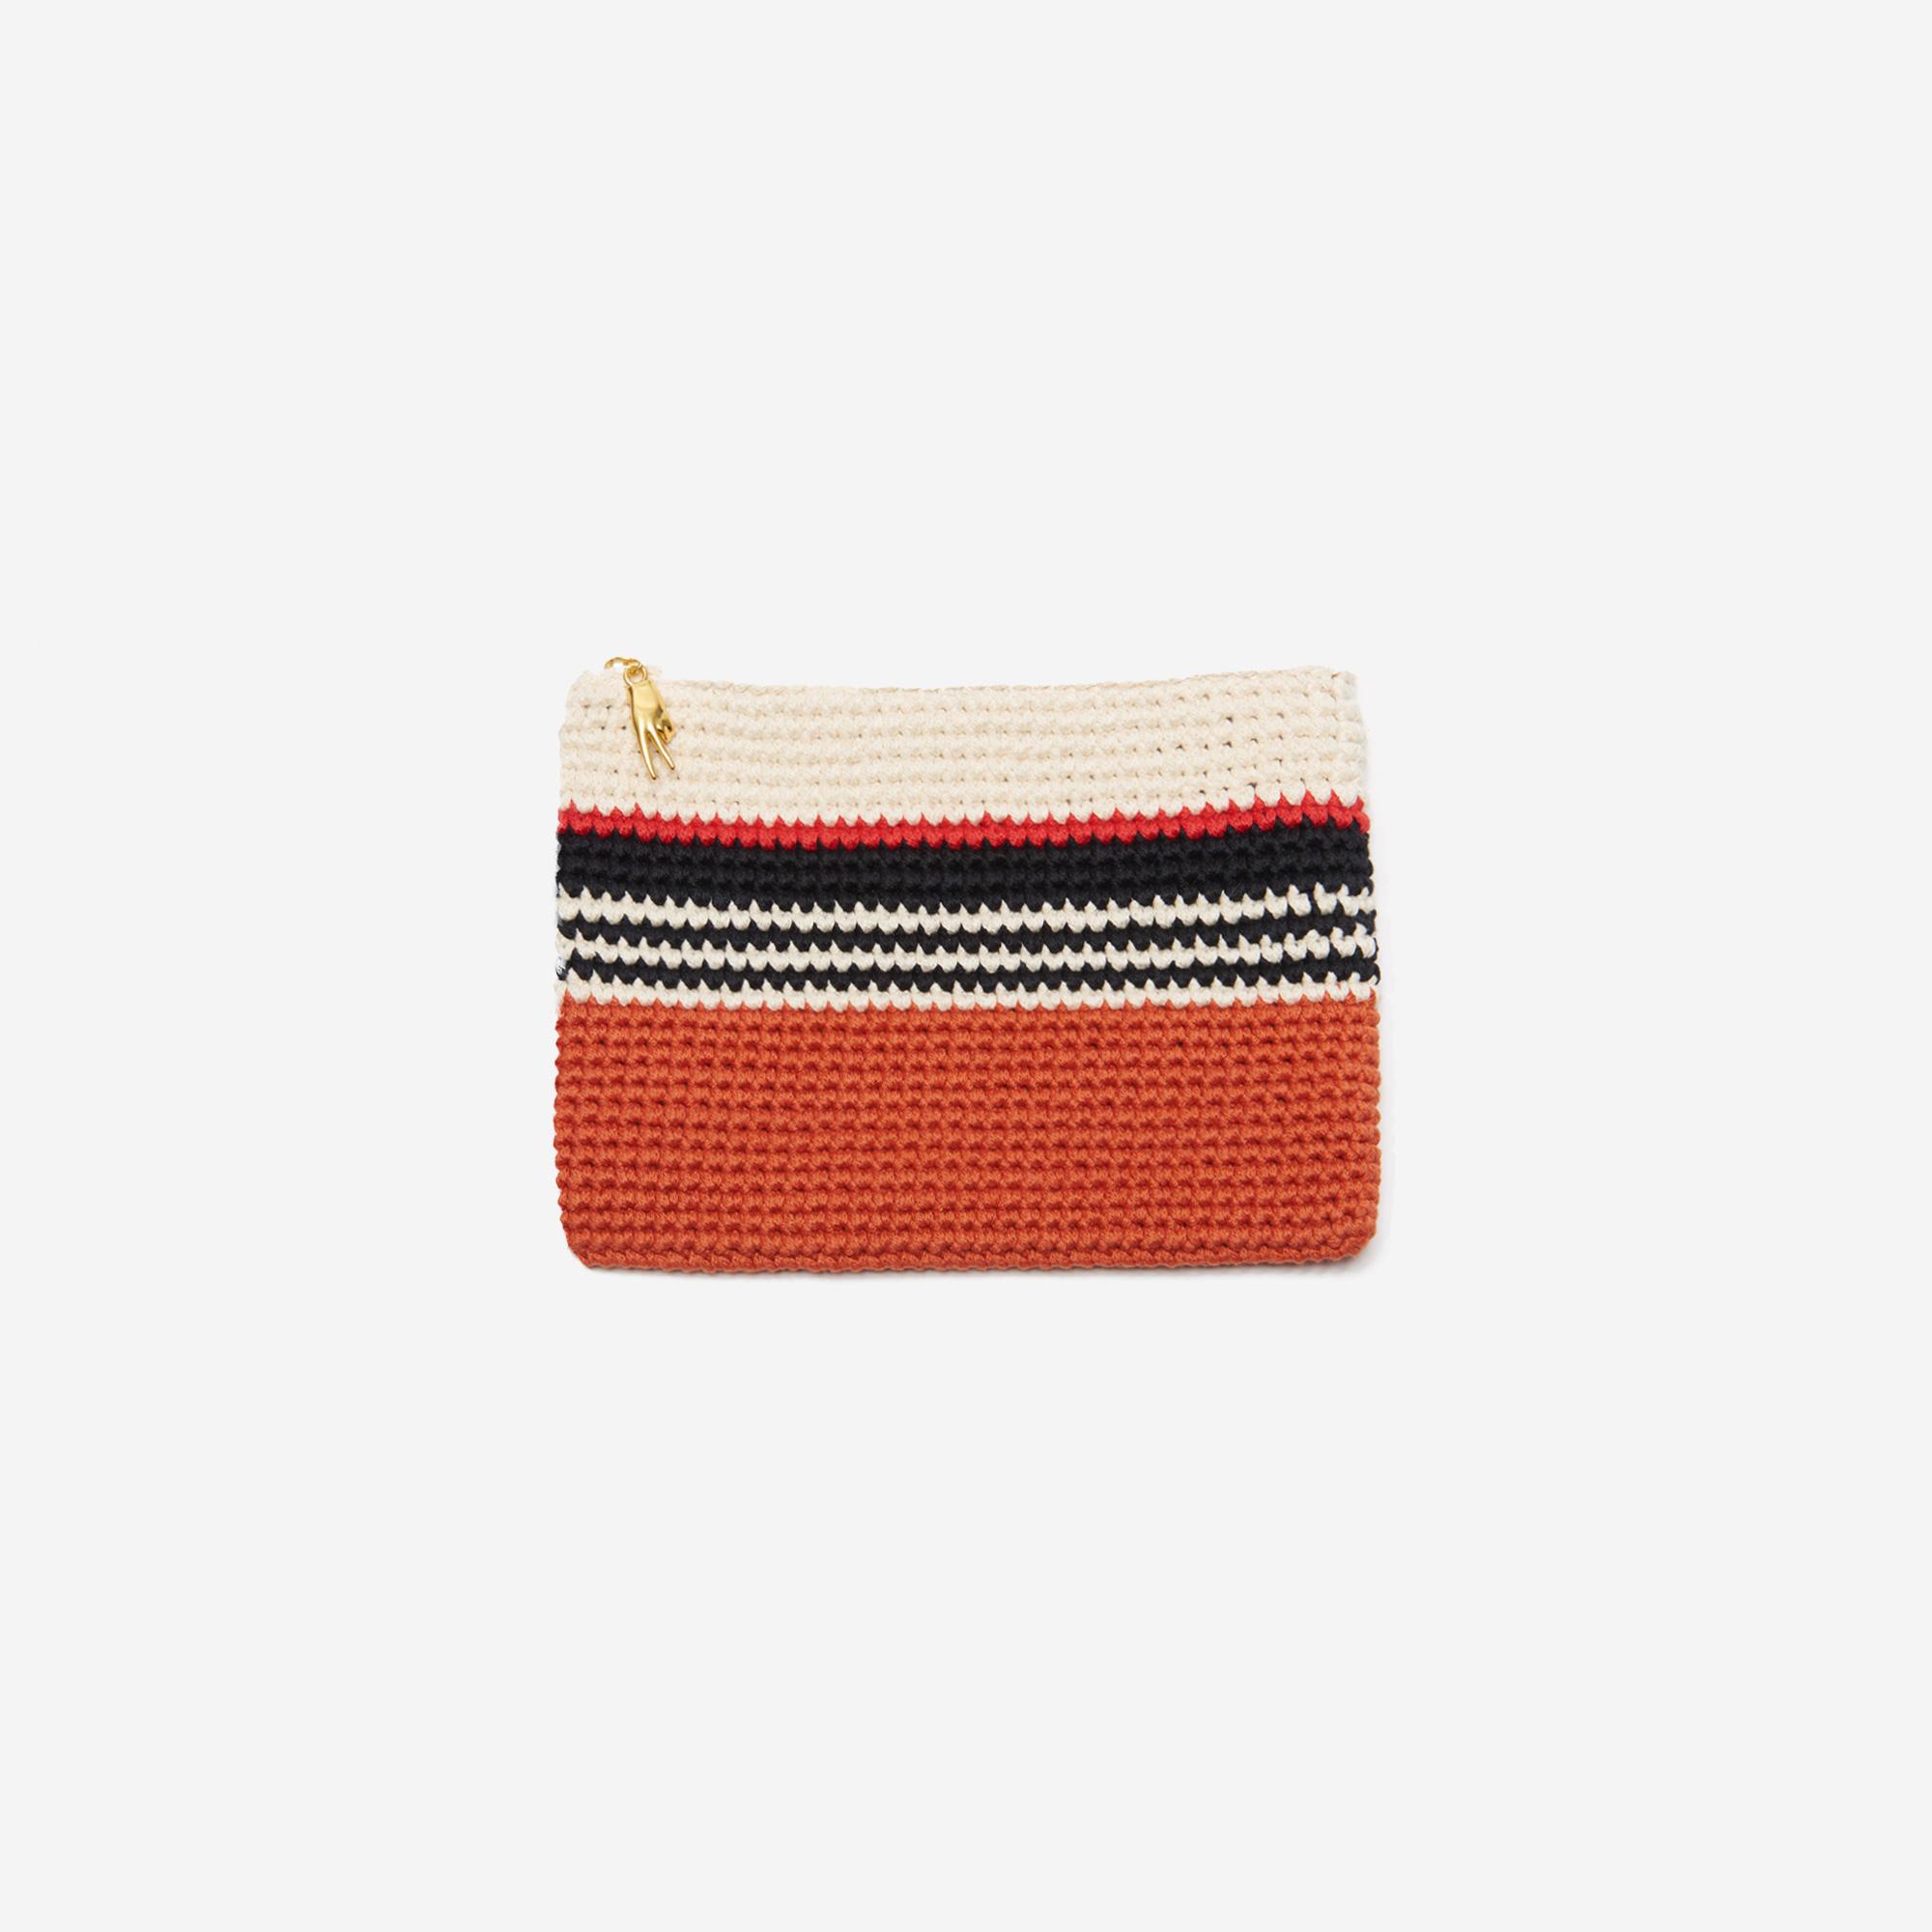 Pochette Crochet : Cadeaux Opé colore Senza colore